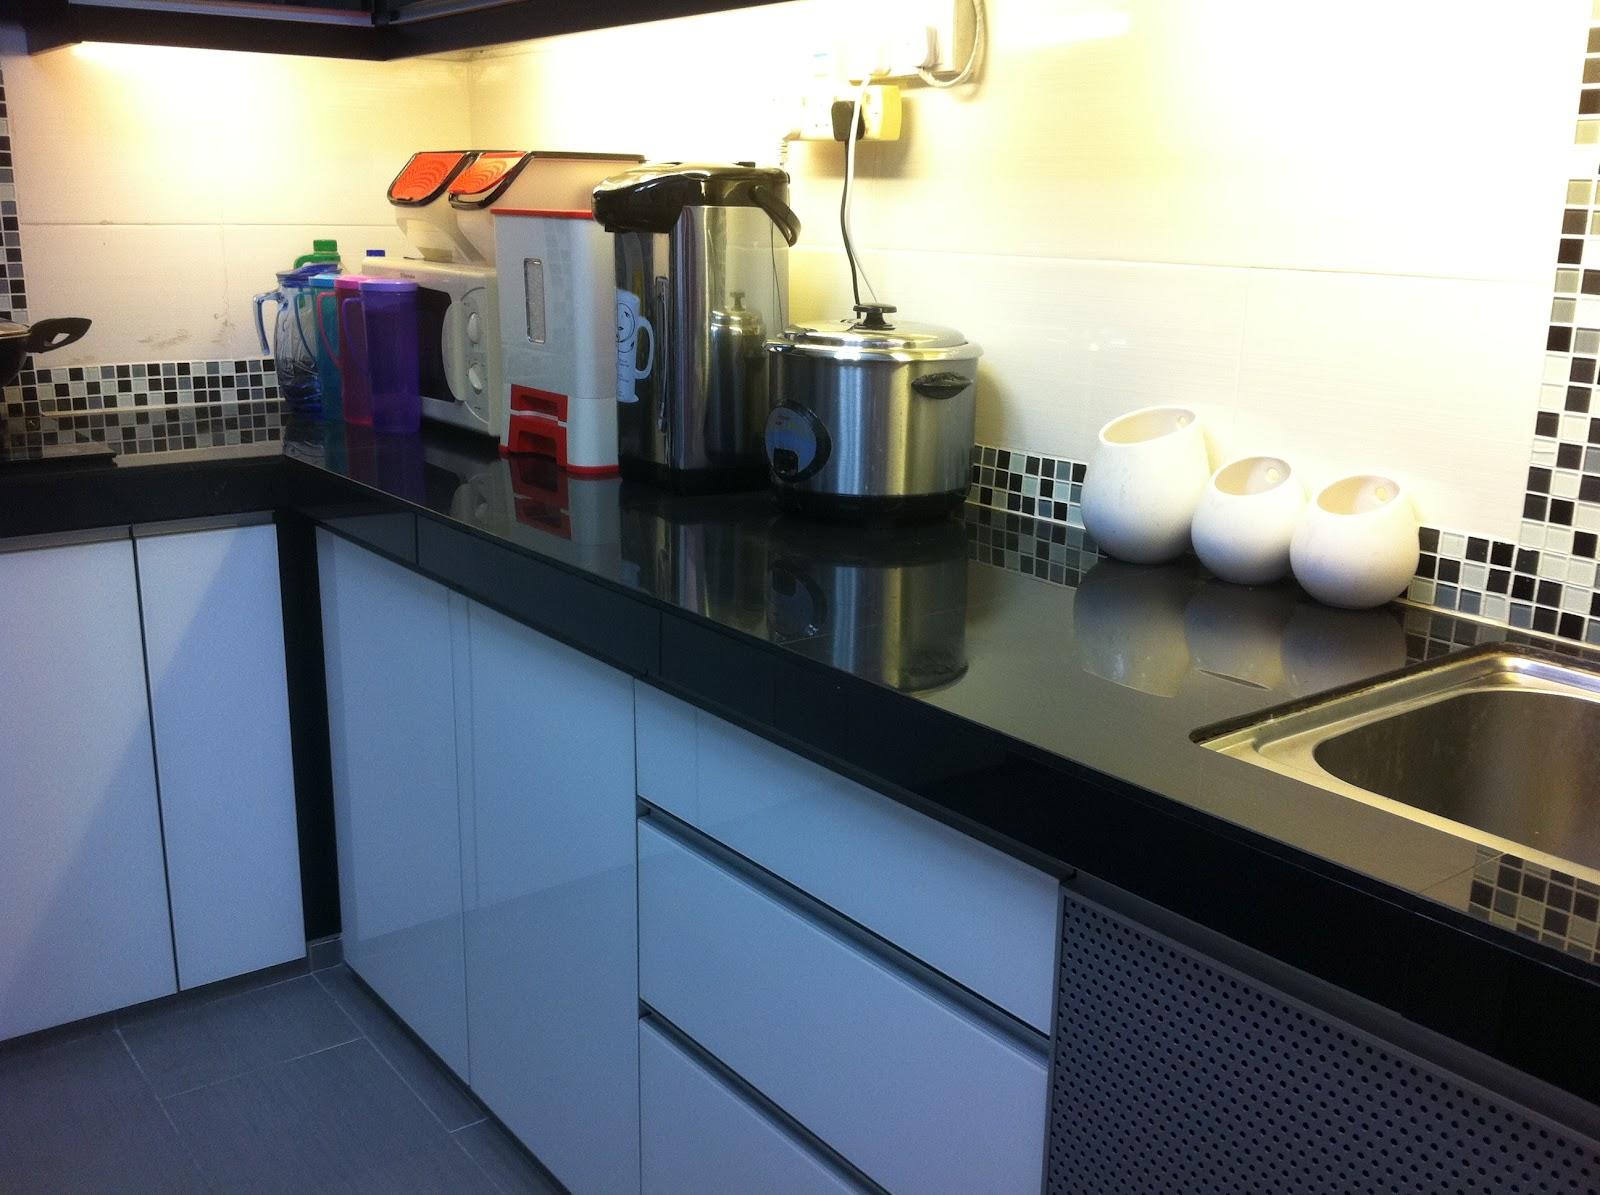 Nama Saya Nadia Kitchen Kabinet Dan Kos Pengubahsuaian Dapur